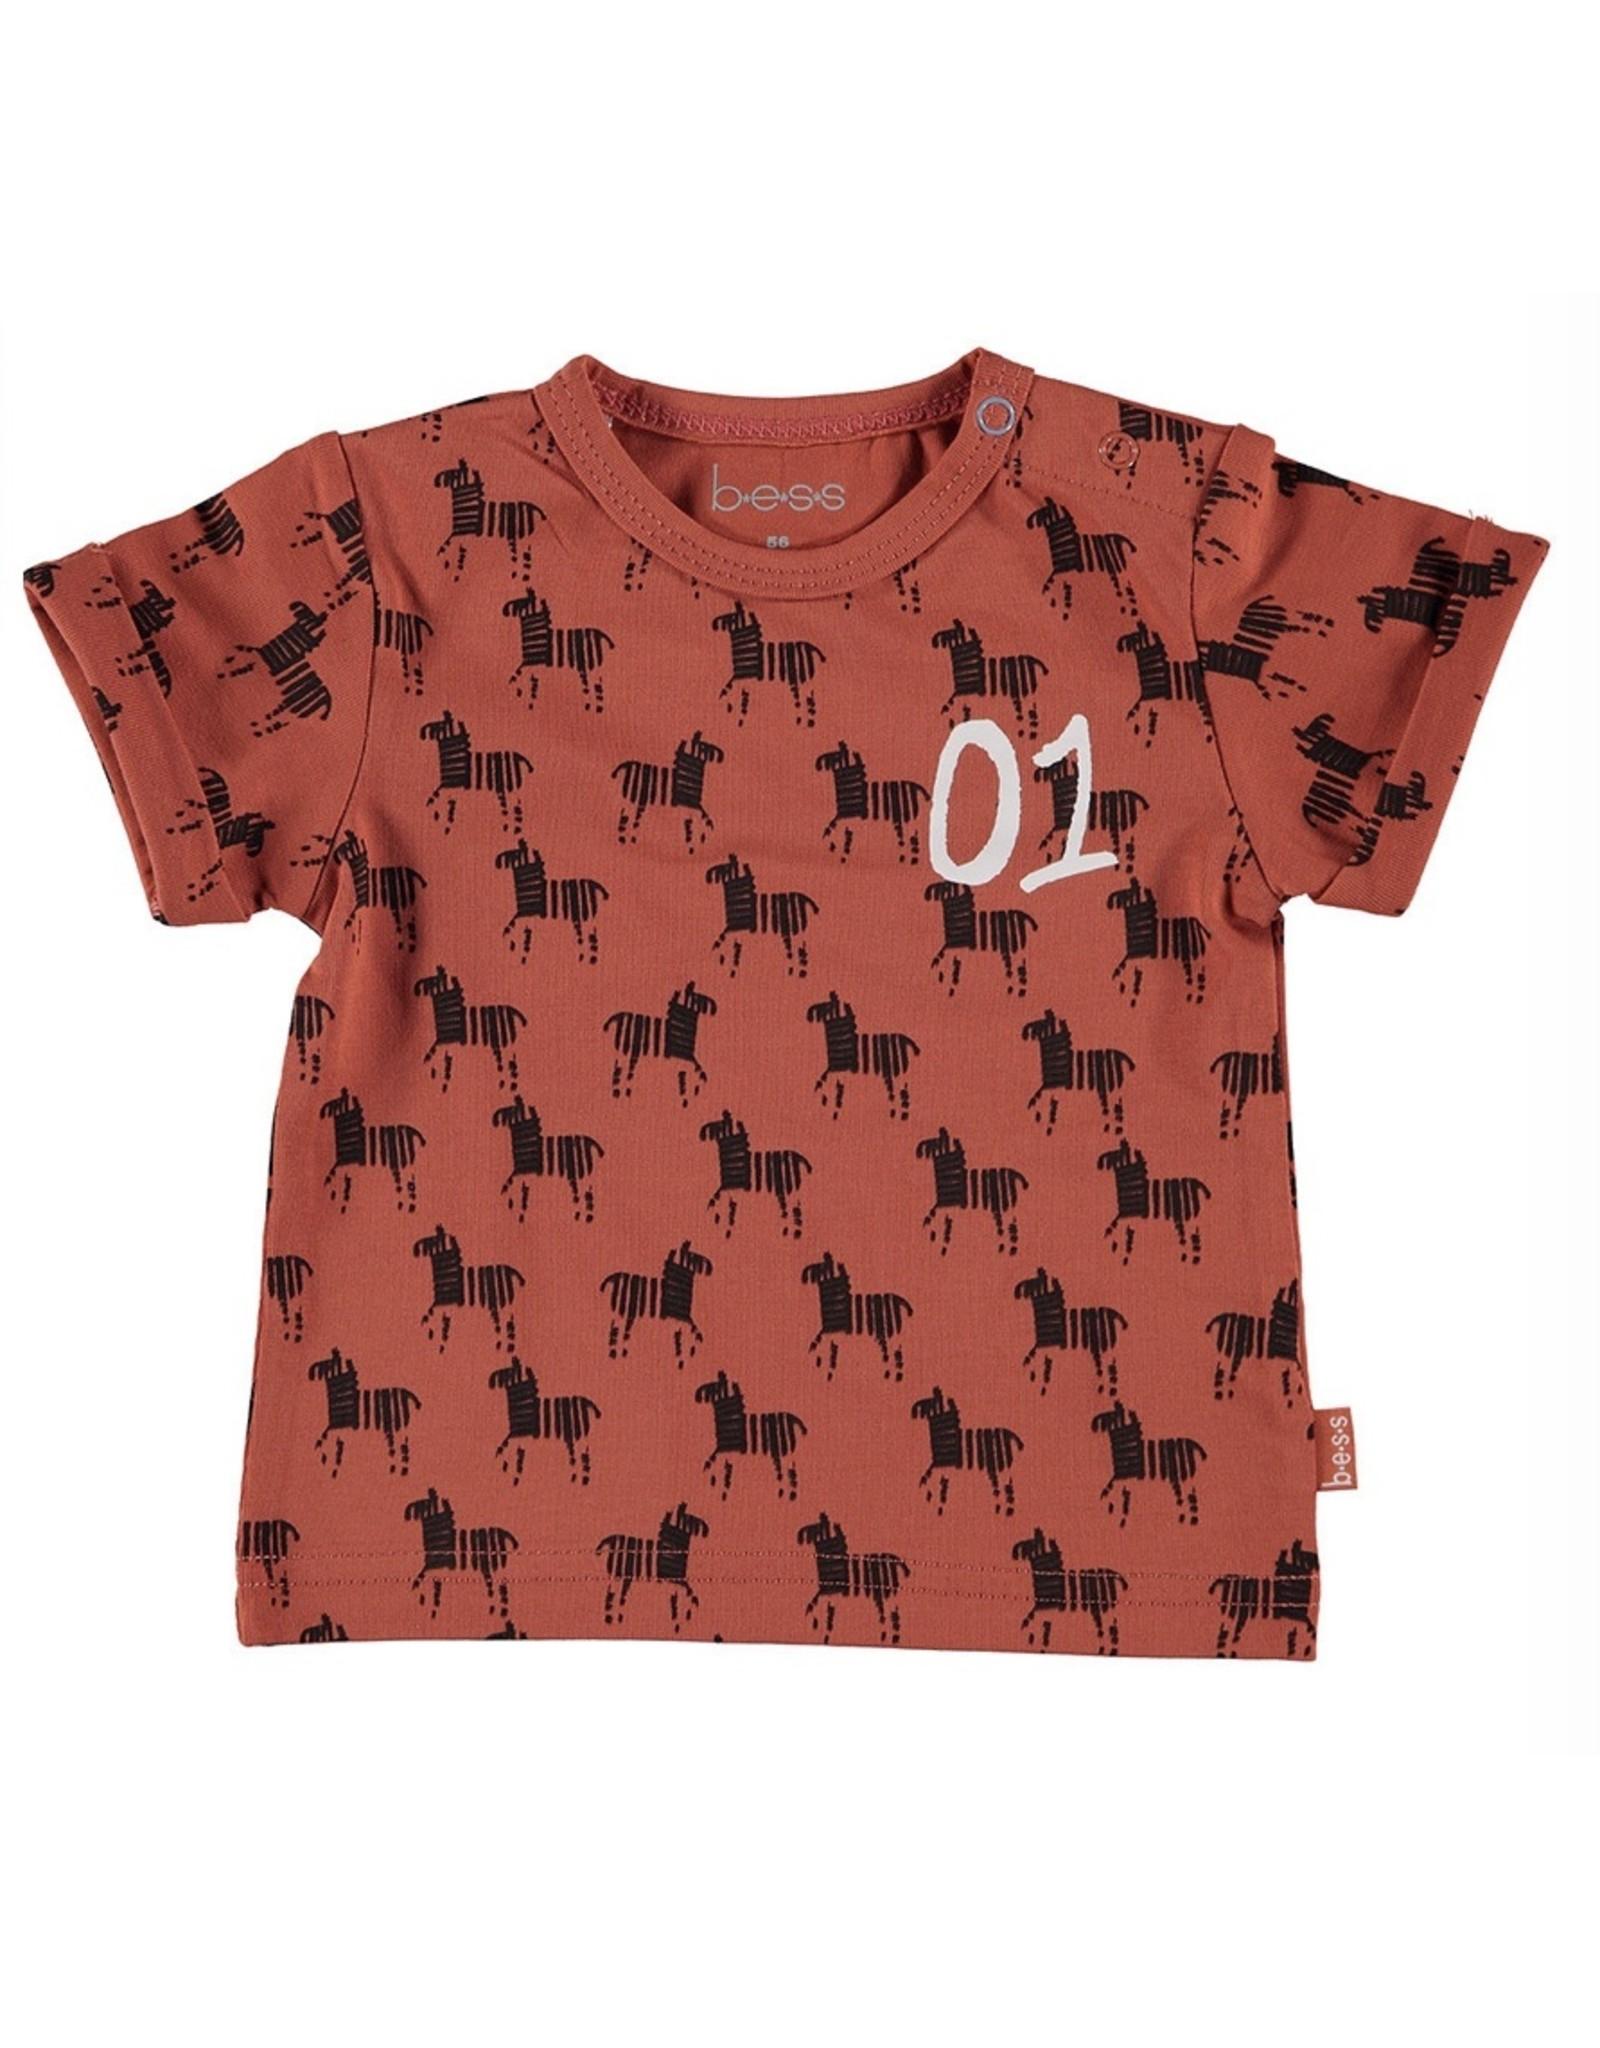 B*E*S*S 21005 T-Shirt